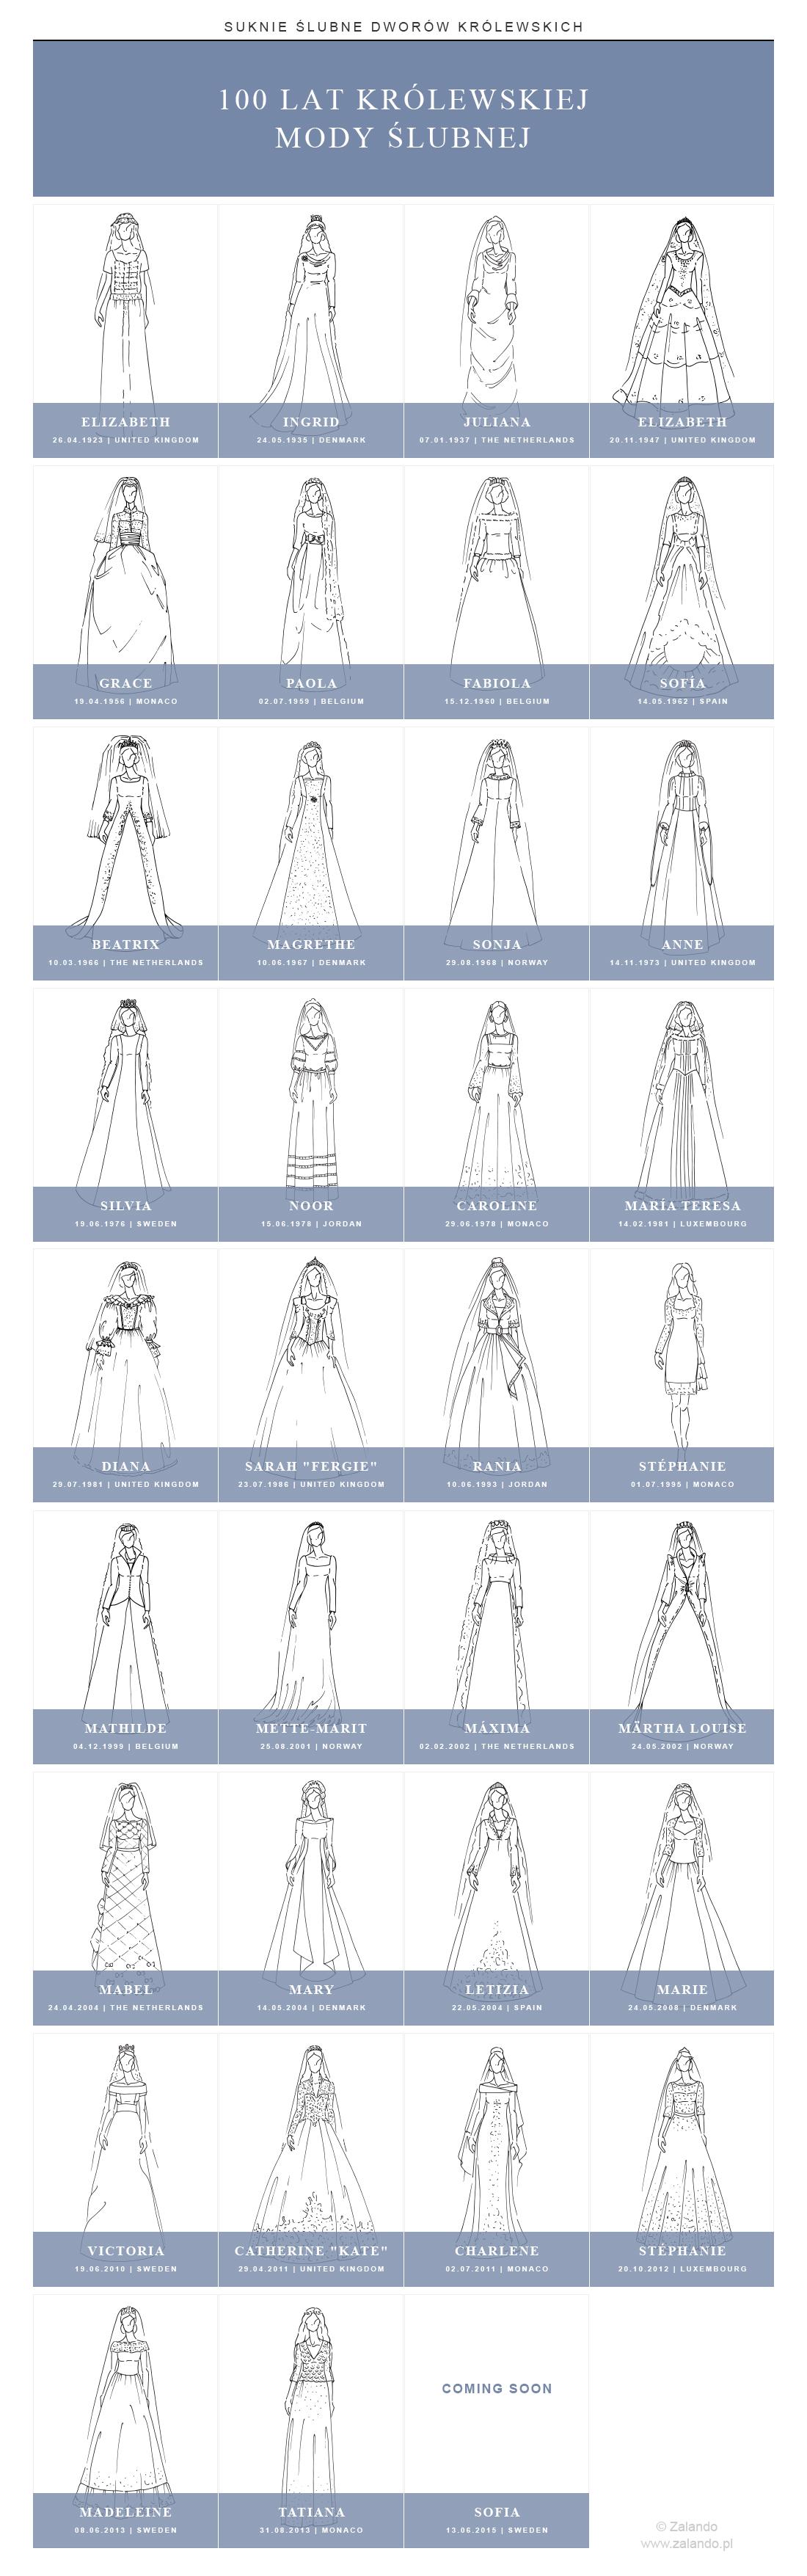 ZALANDO prezentuje najpiękniejsze suknie ślubne europejskich dworów królewskich